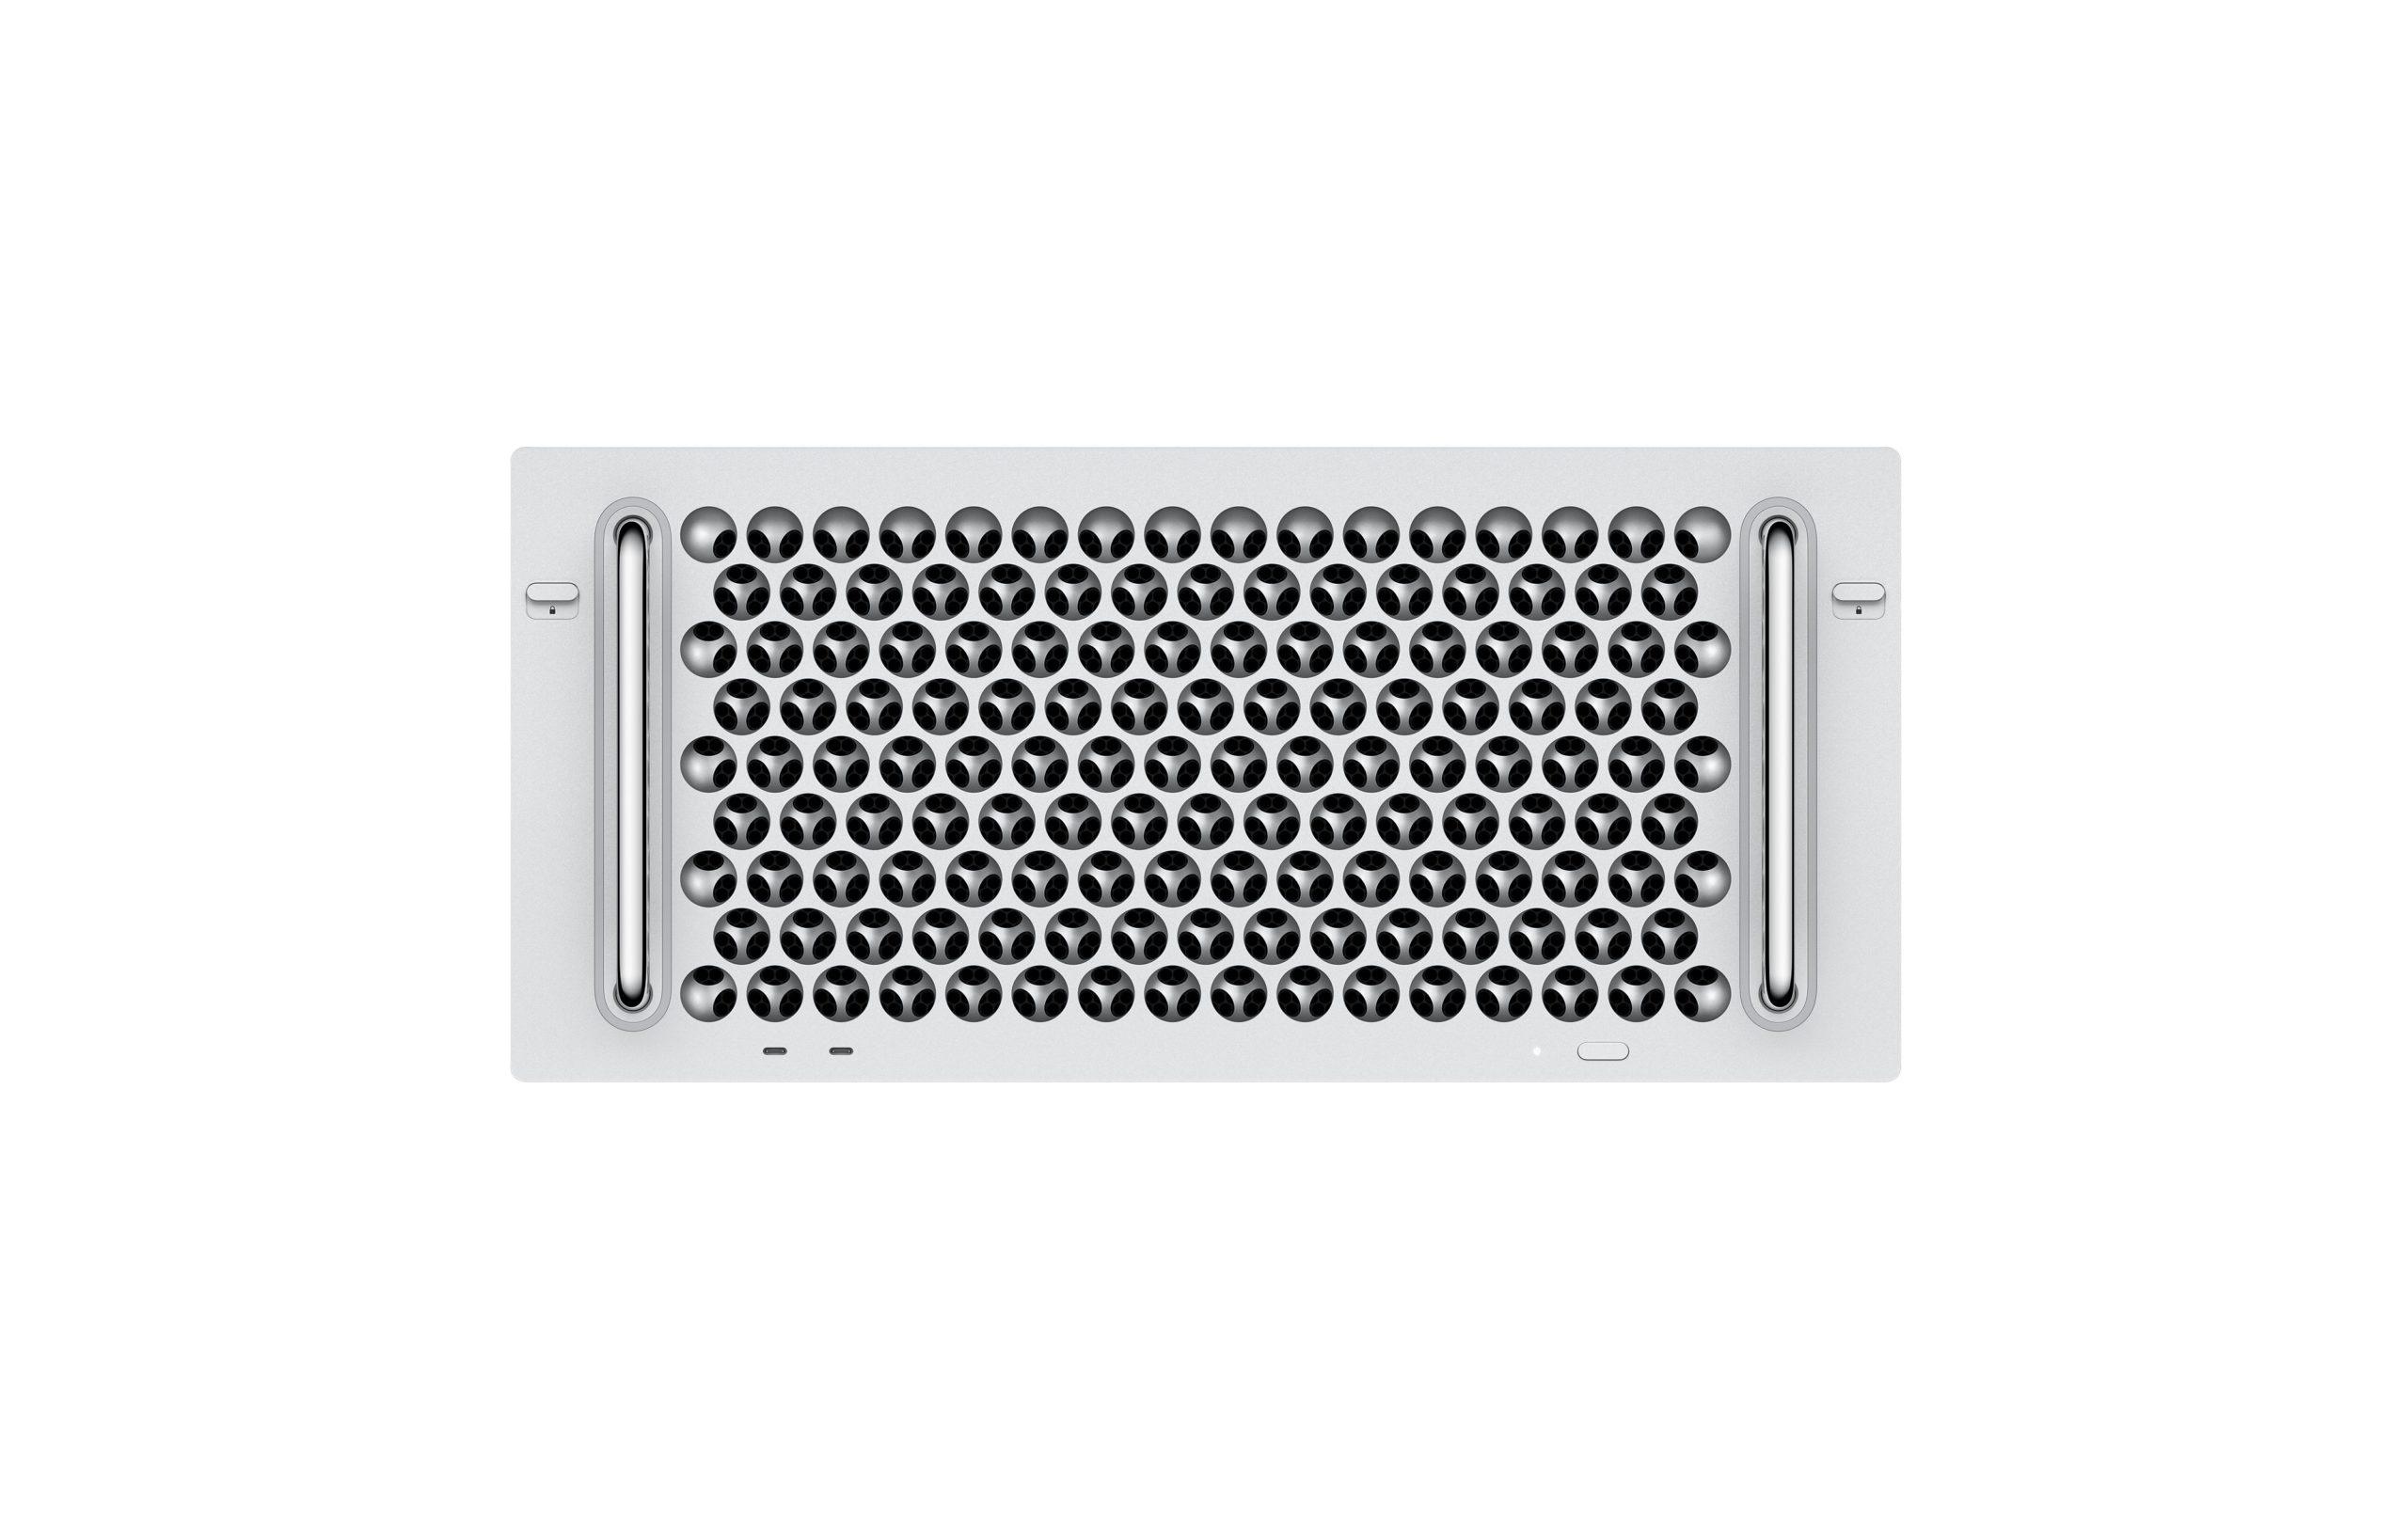 Plantão do Mac Pro Rackmount